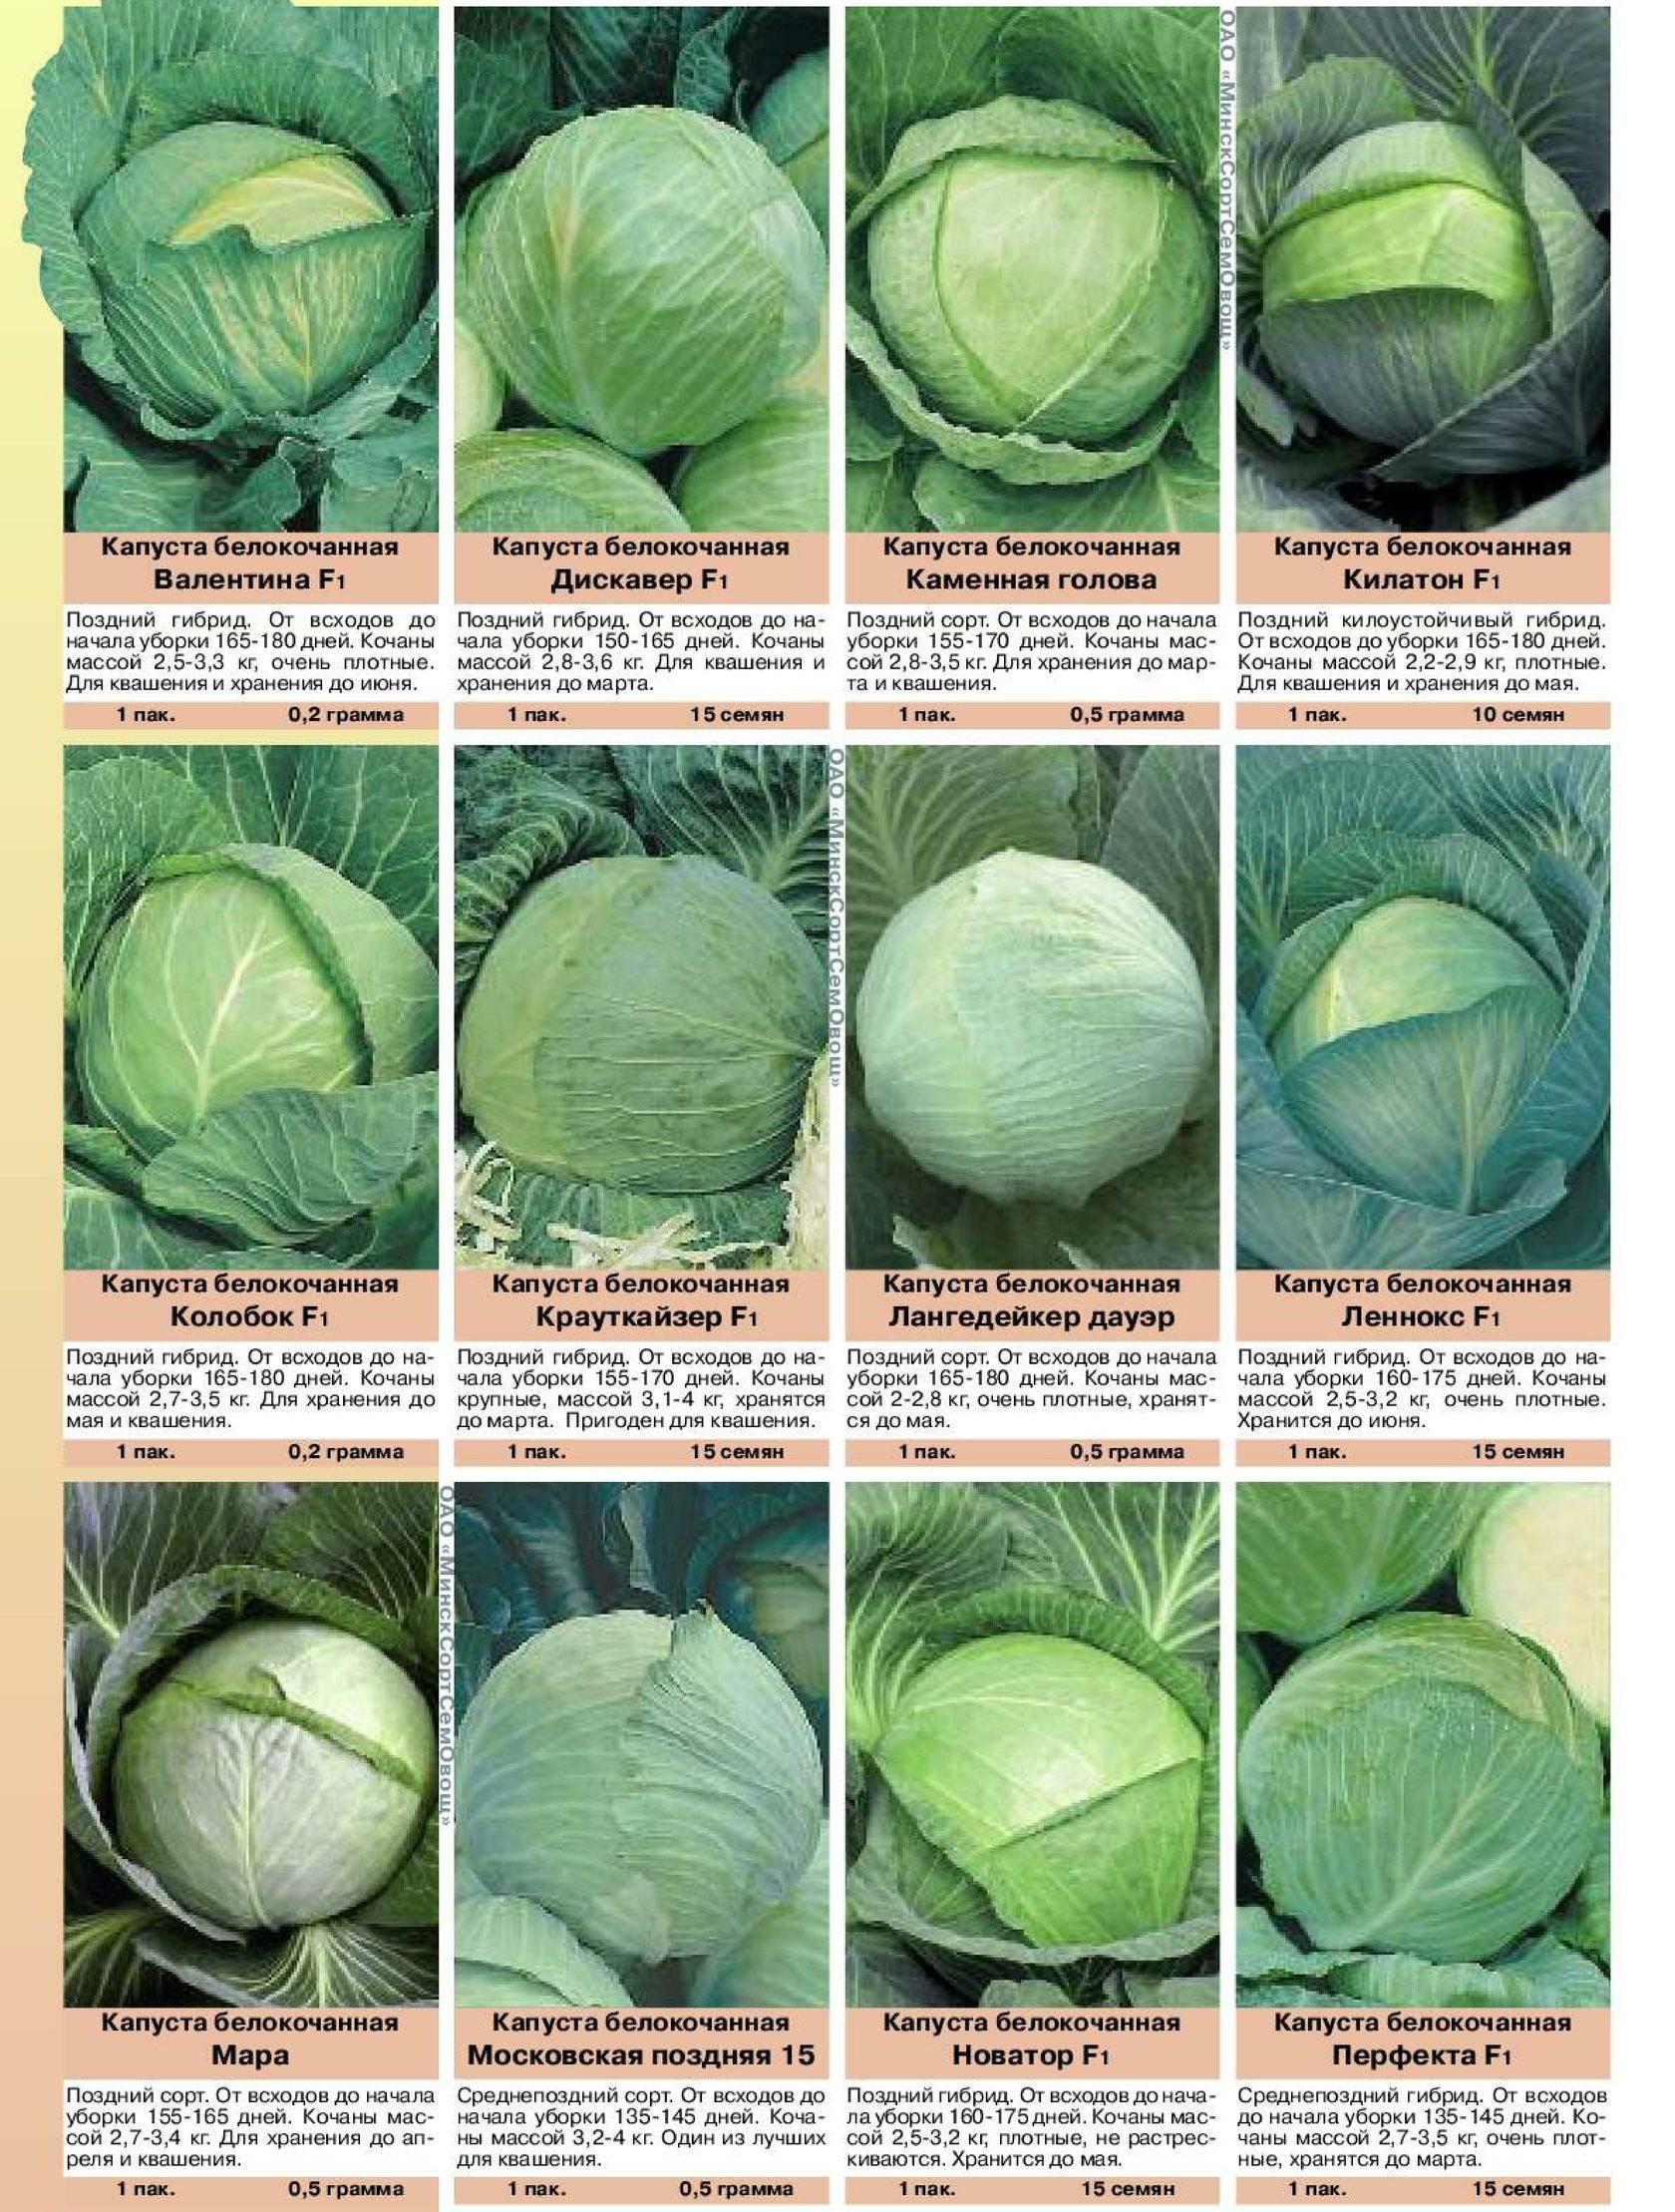 Описание и характеристики сортов голландской капусты, выращивание и уход